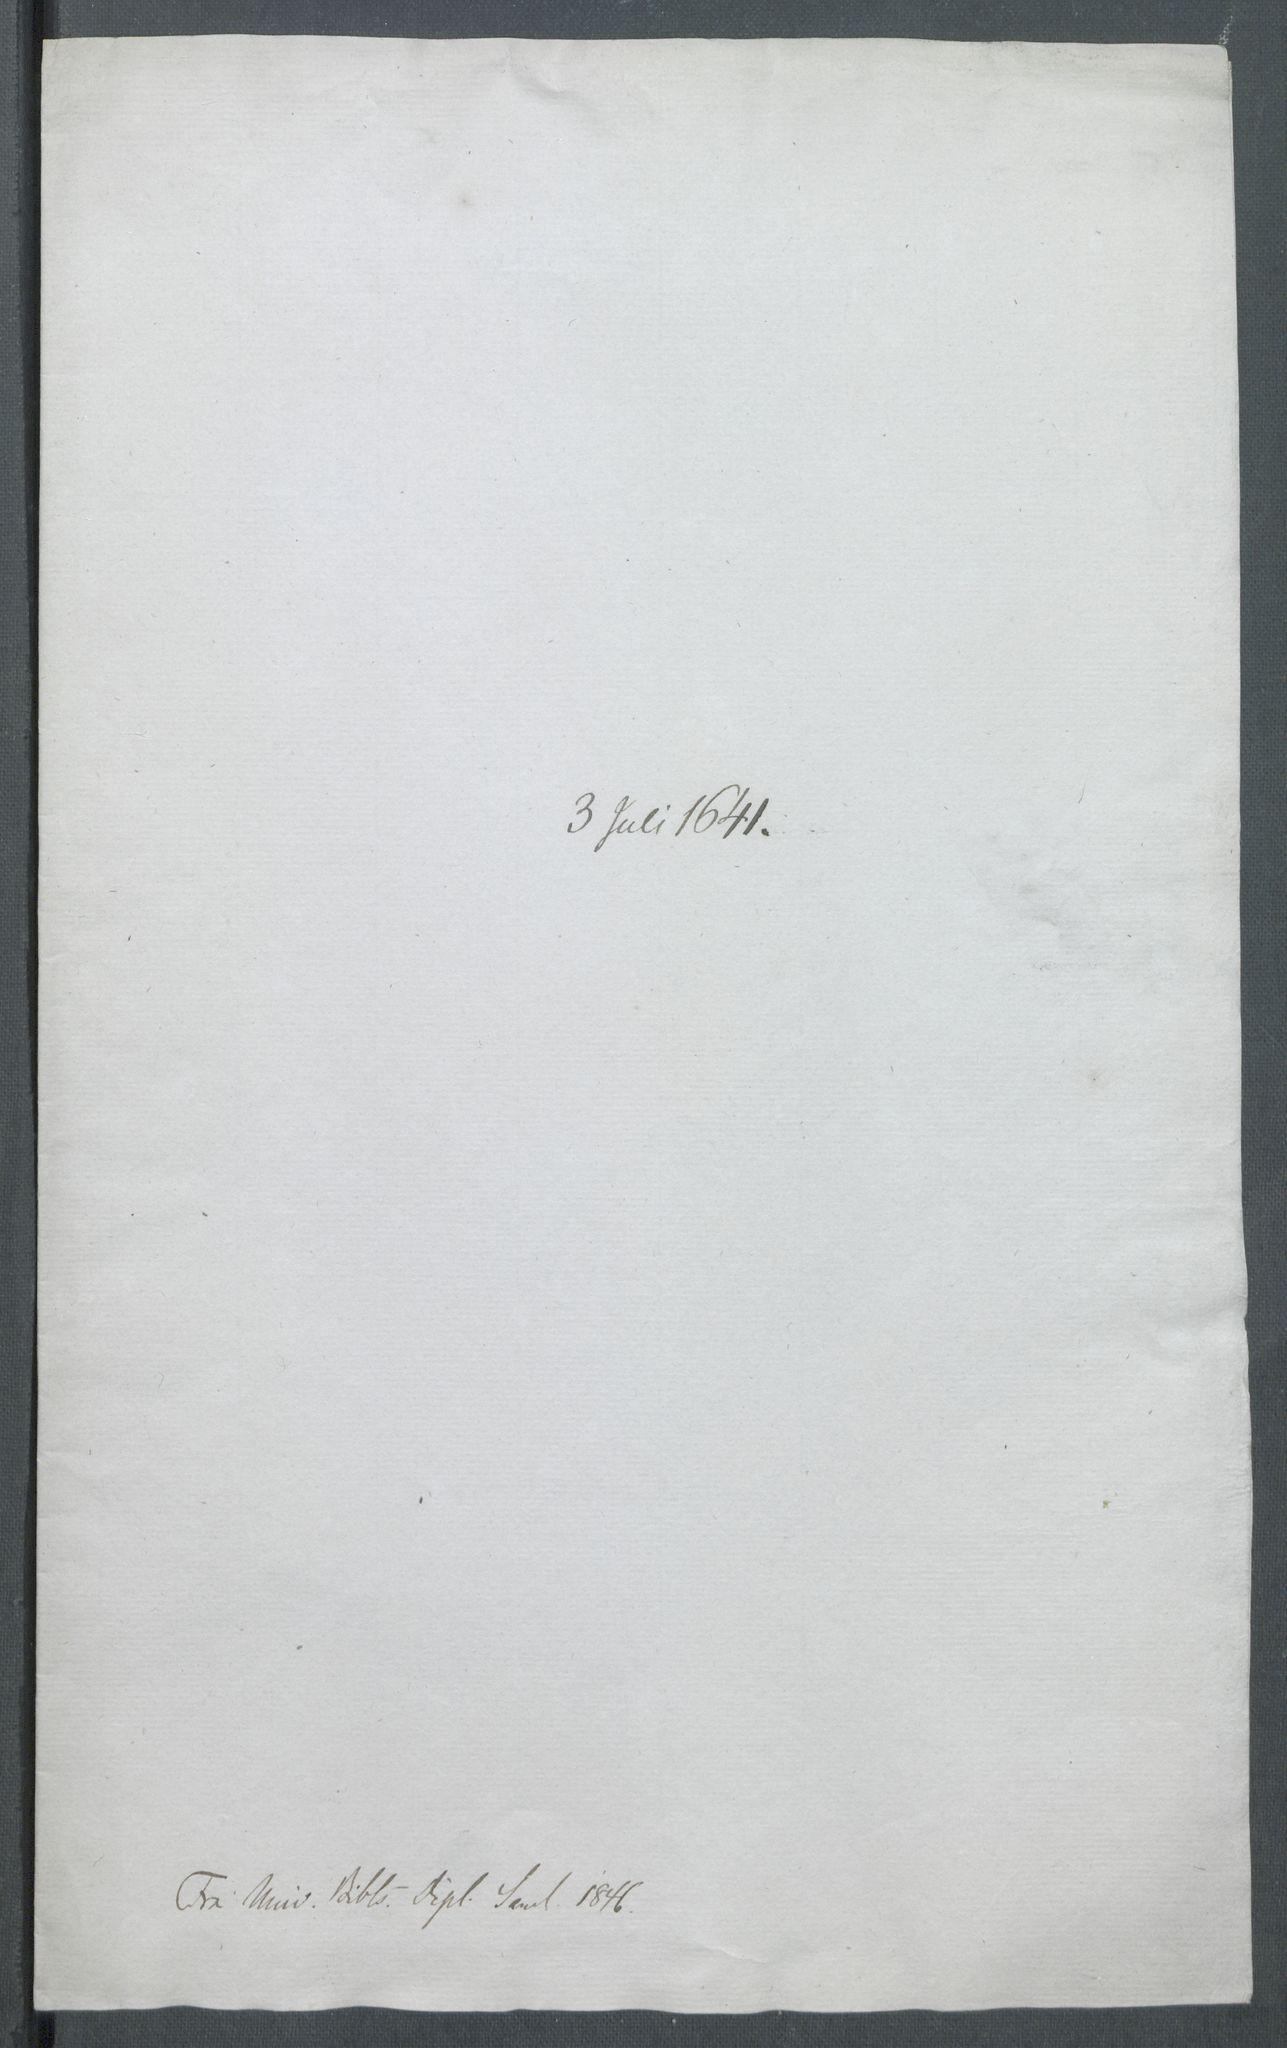 RA, Riksarkivets diplomsamling, F02/L0154: Dokumenter, 1641, s. 30